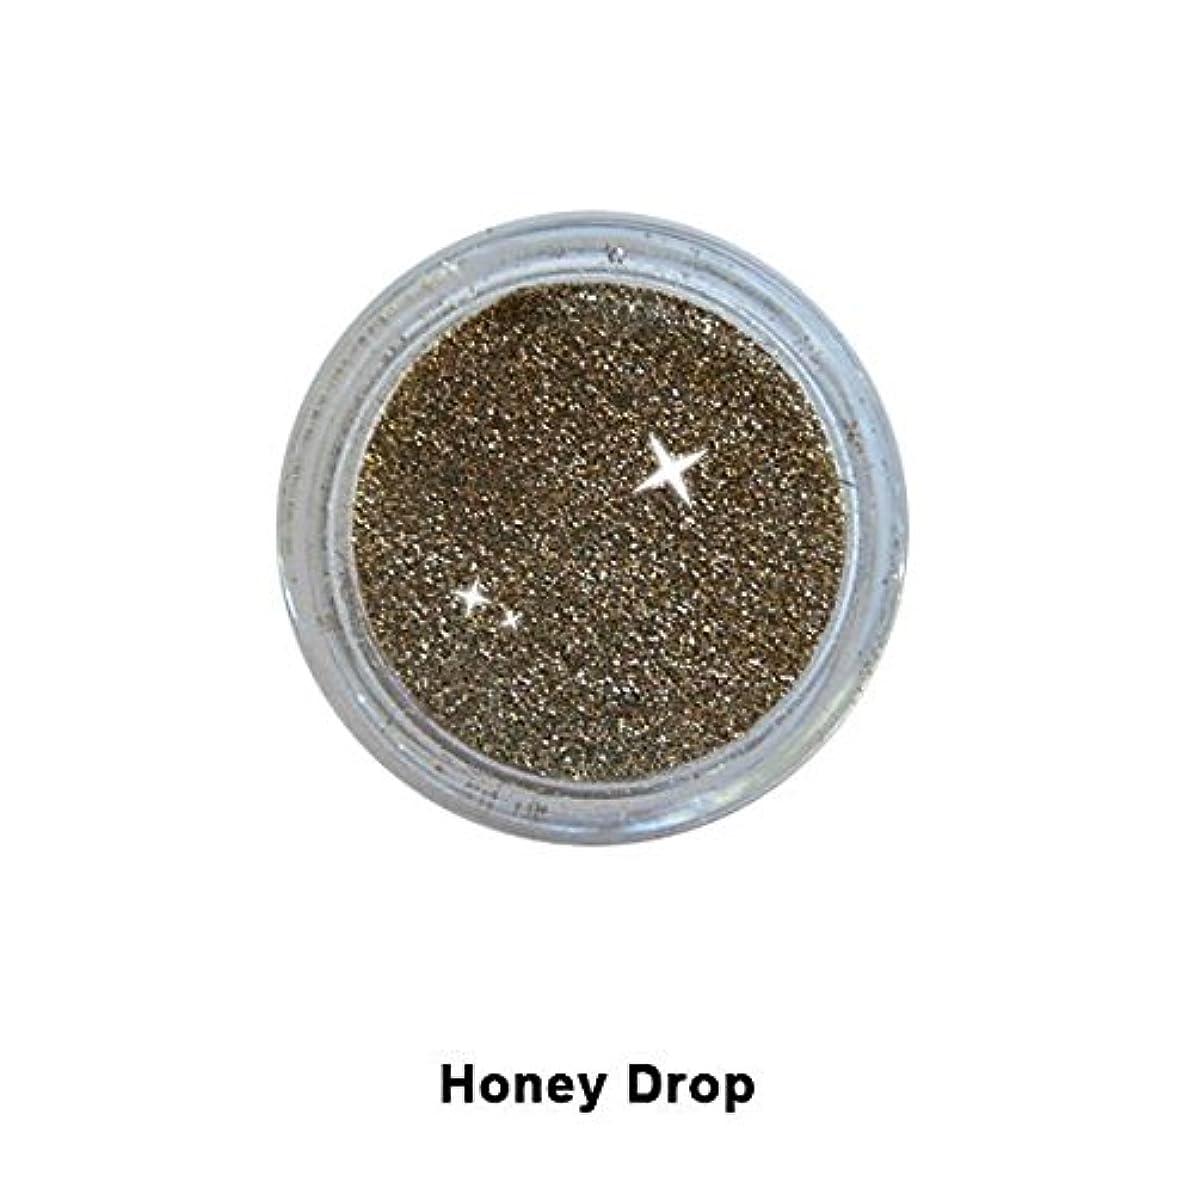 離す男らしいピンチEye Kandy アイキャンディー グリッター メイクアップ アイシャドー アイラインGlitter Sprinkles (Honey Drop)